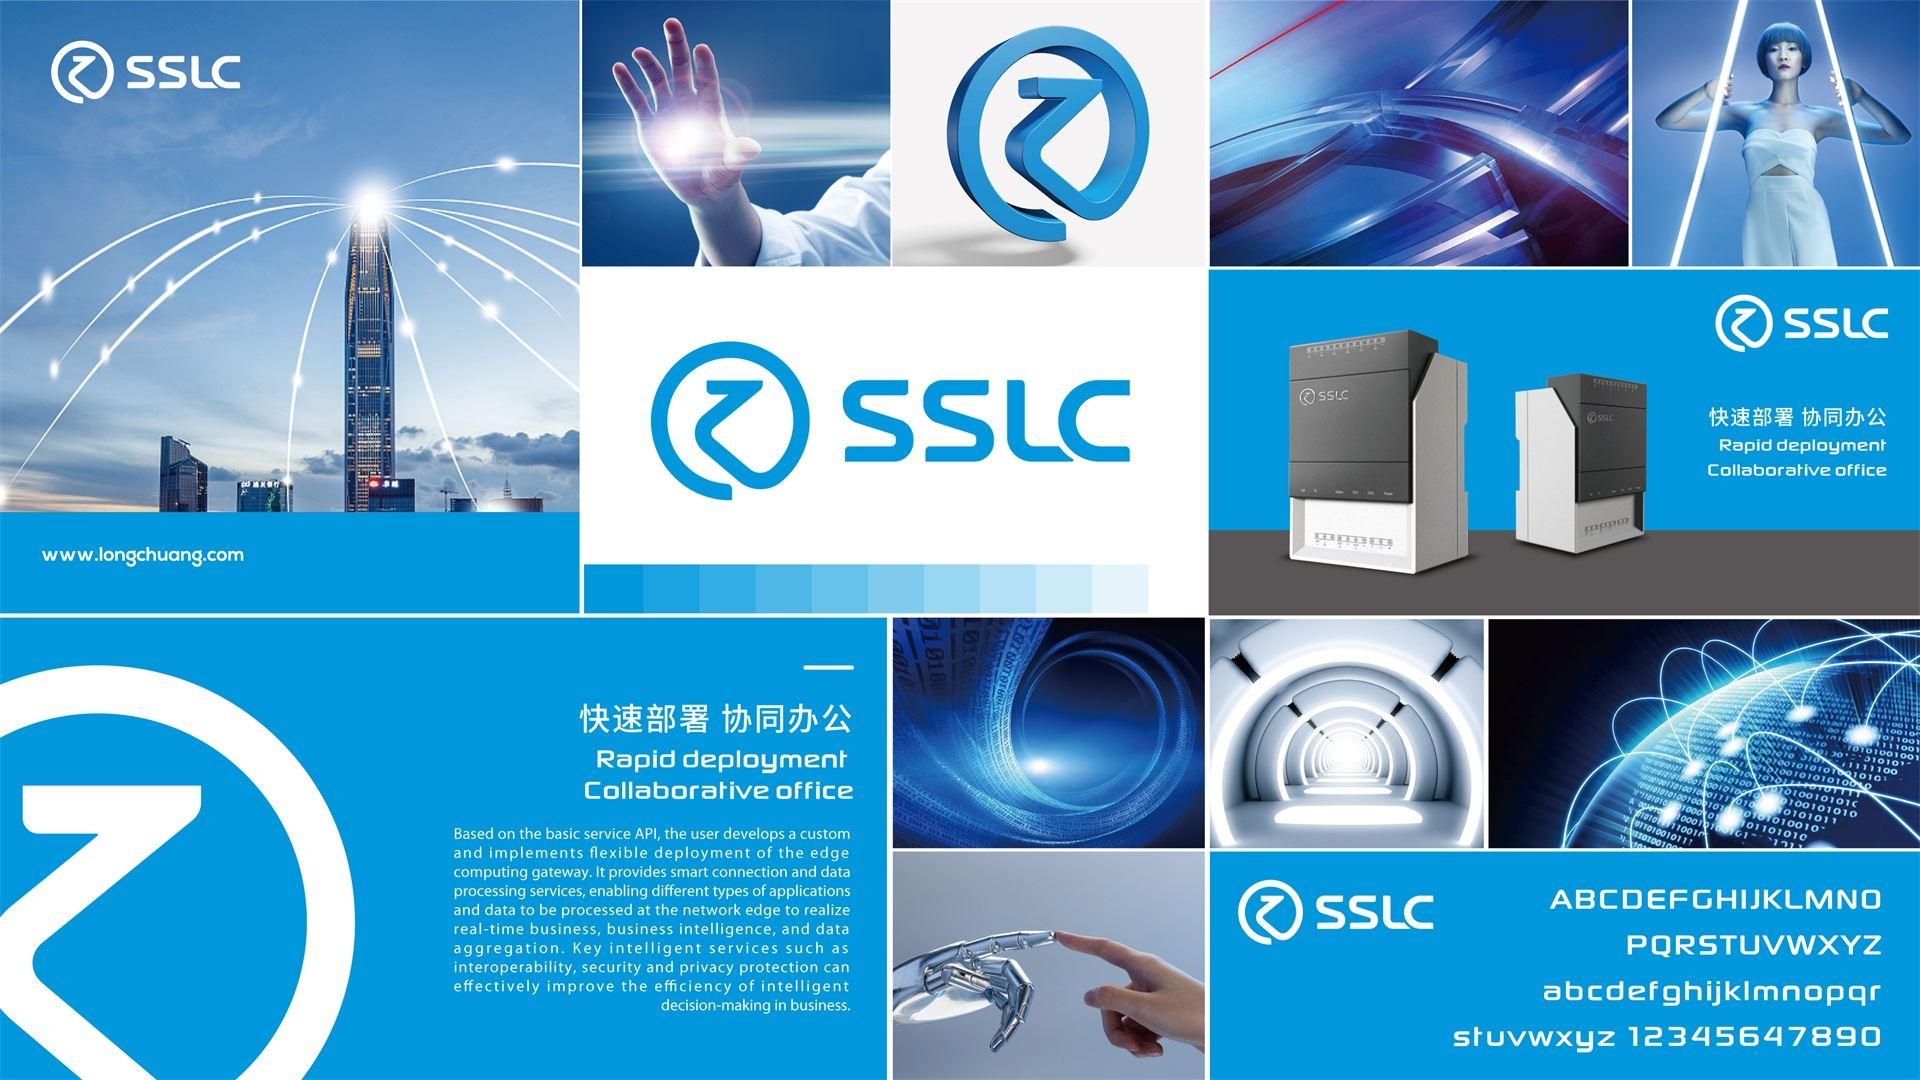 SSLC龙创万博体育手机登录网页